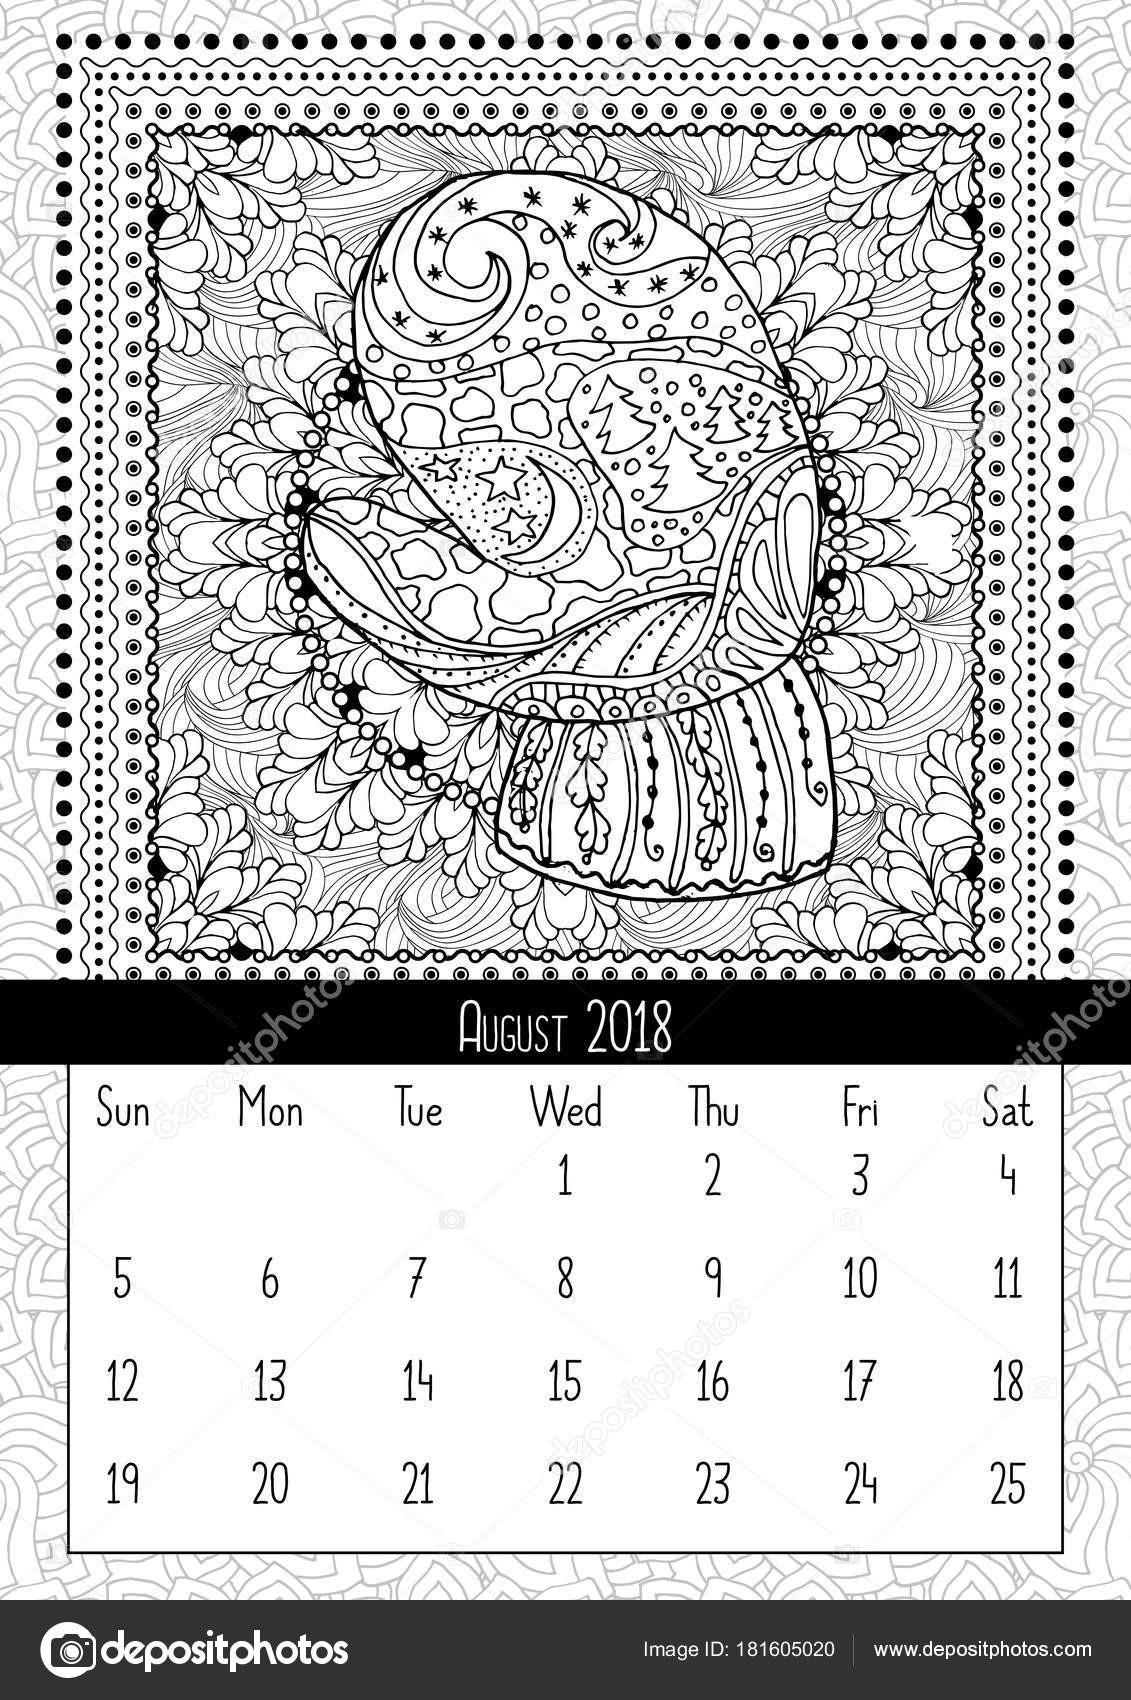 Calendario Imprimir Setembro 2017 Más Arriba-a-fecha Doodle Calendario Of Calendario Imprimir Setembro 2017 Más Reciente Clipping Impresso Agosto De 2016 Uergs Universidade